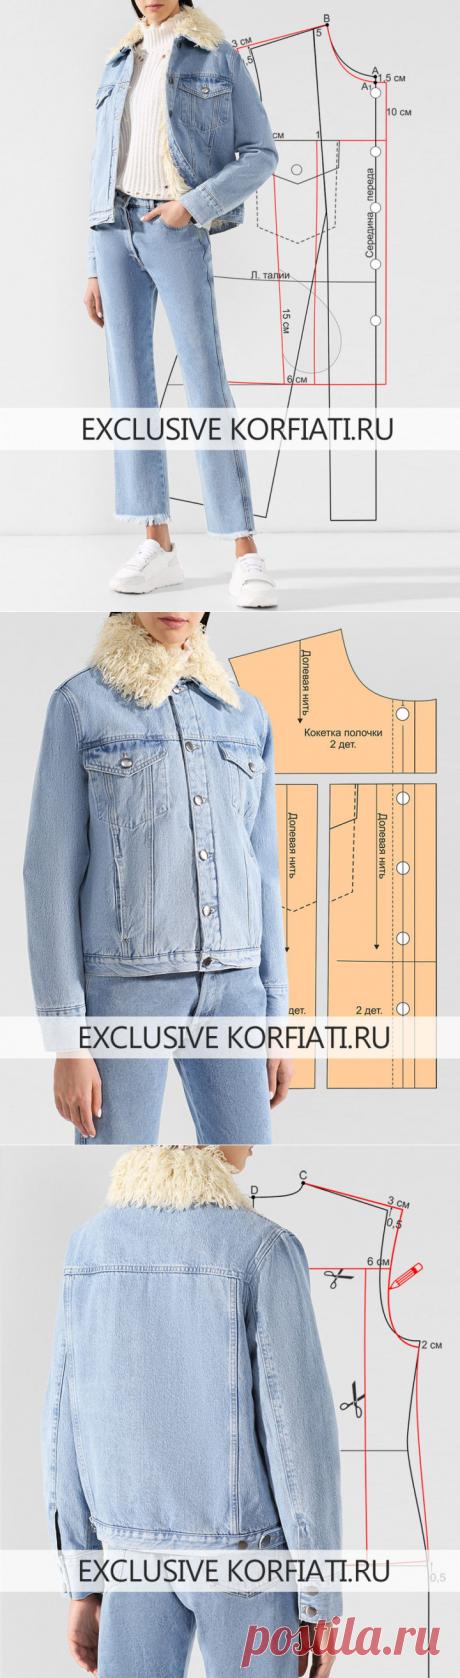 Выкройка женской куртки от Анастасии Корфиати